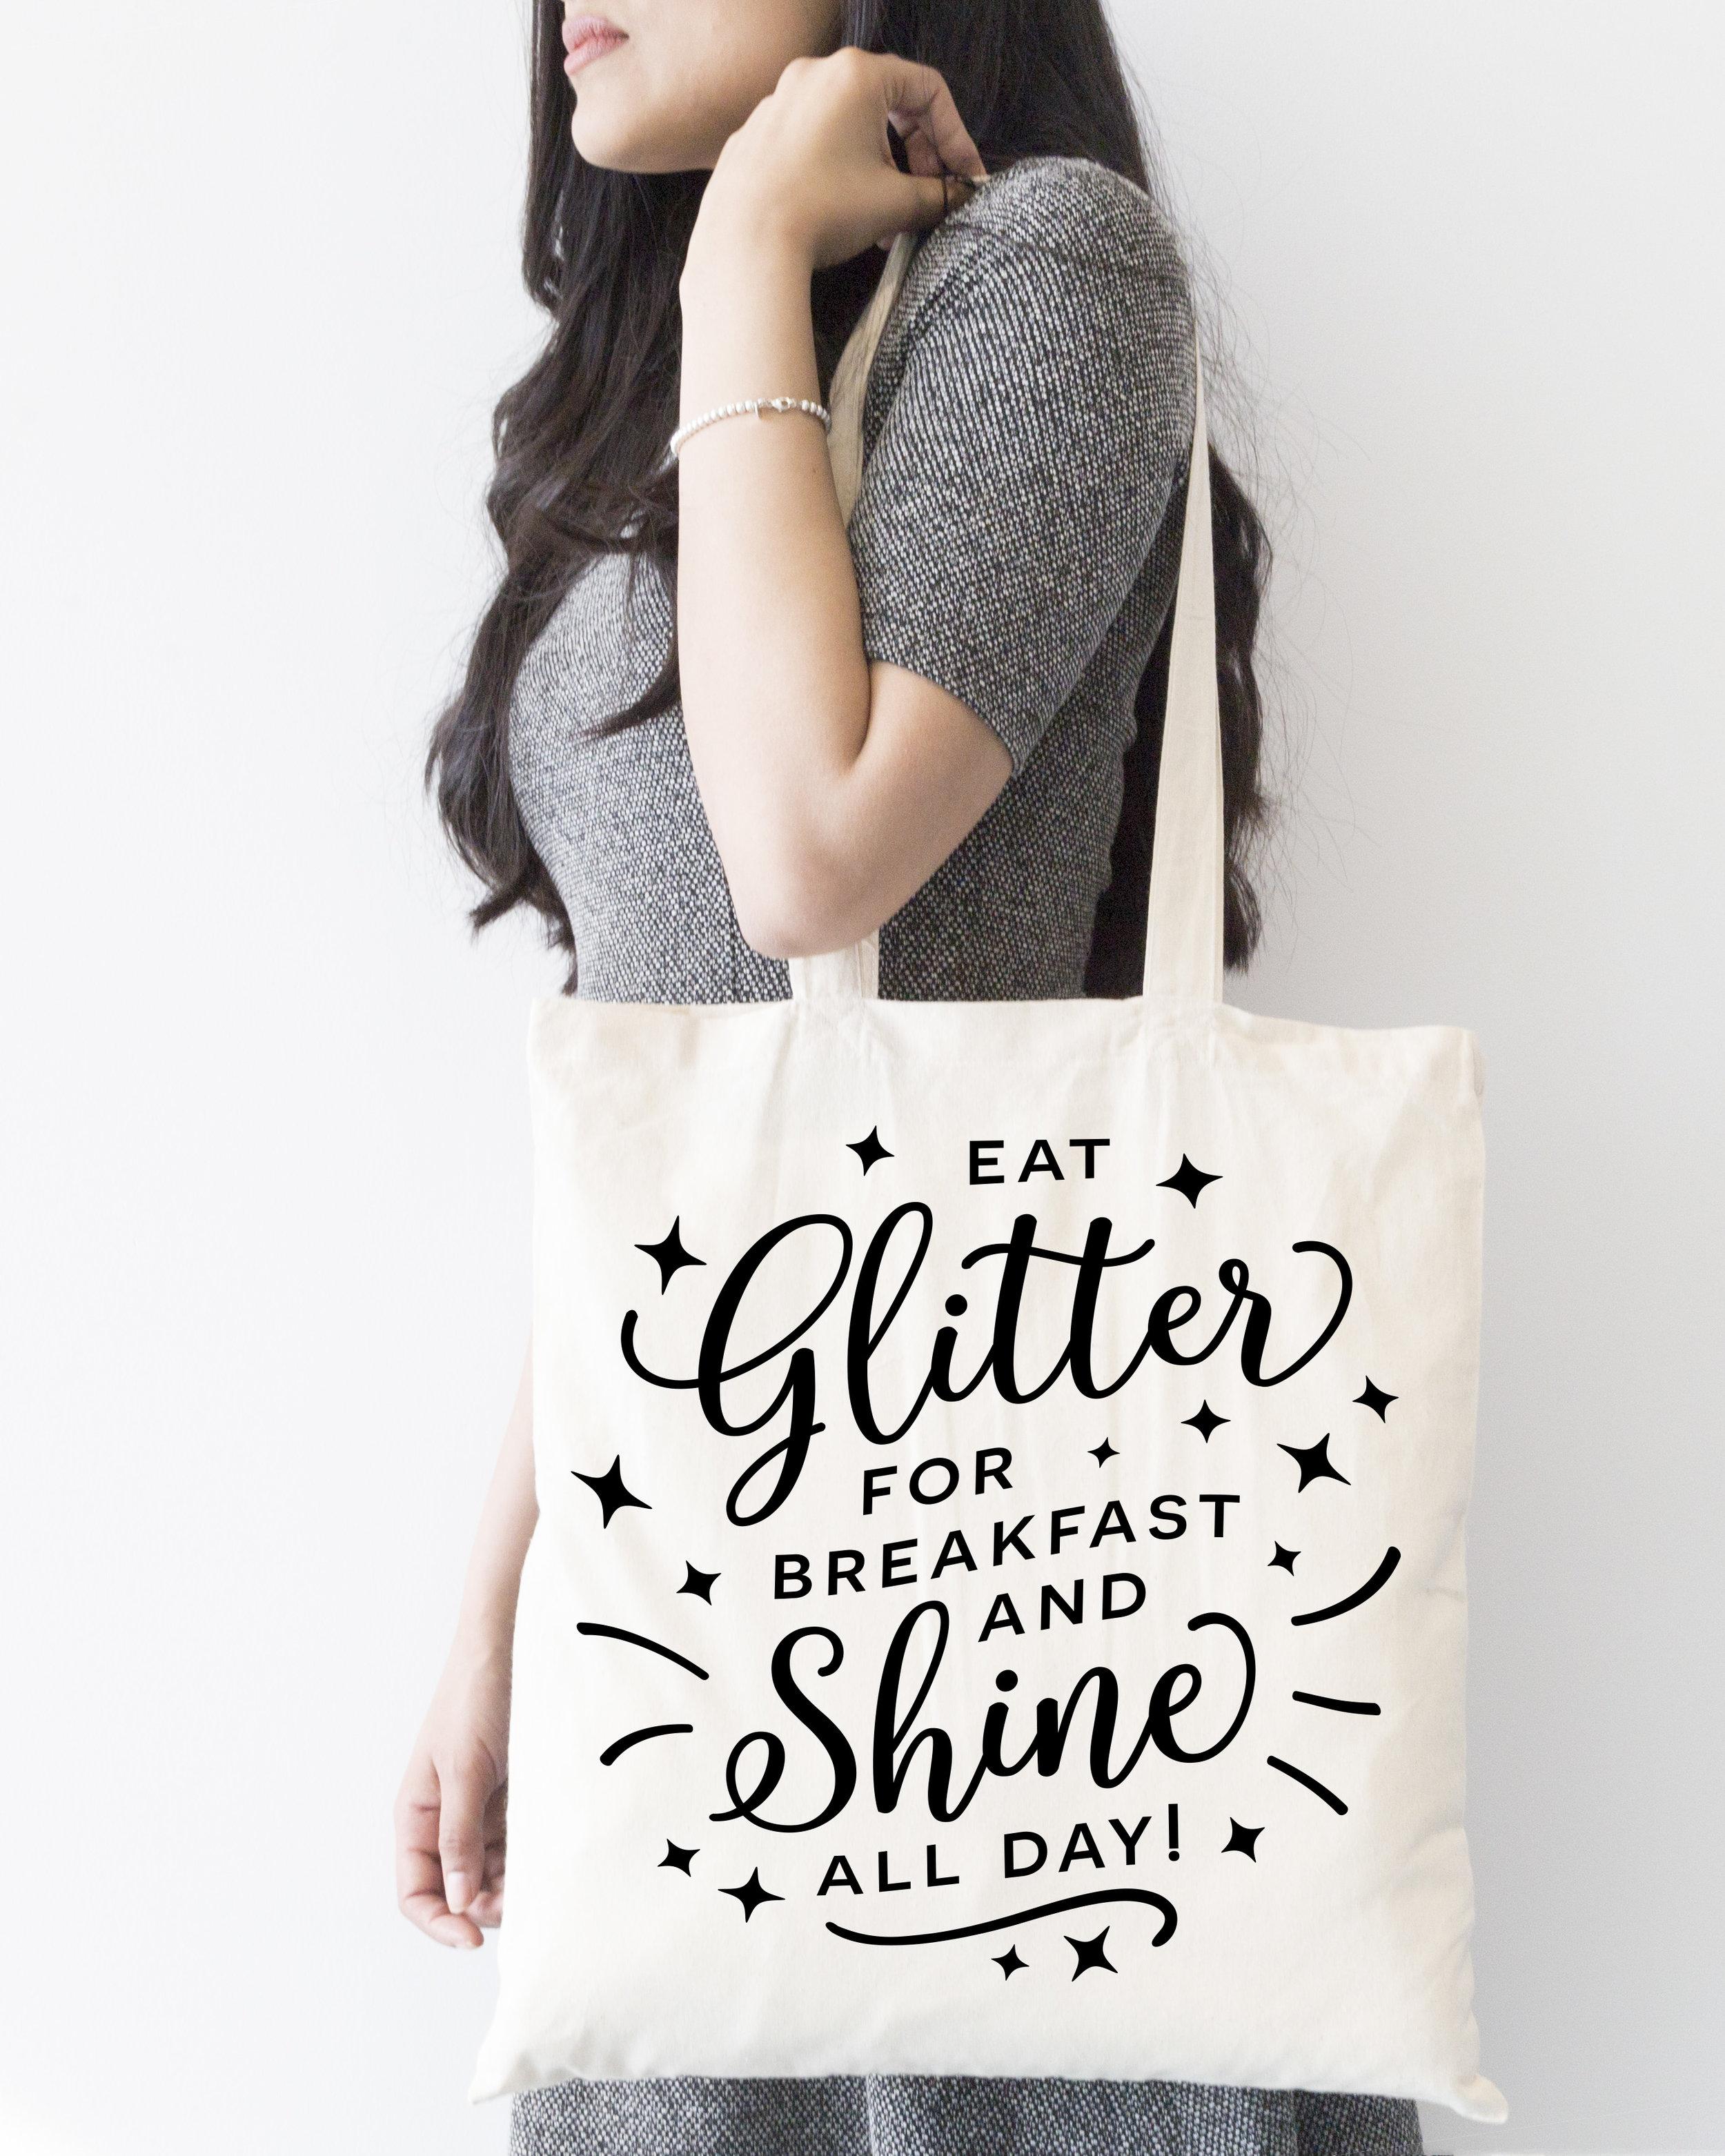 eat glitter.jpg